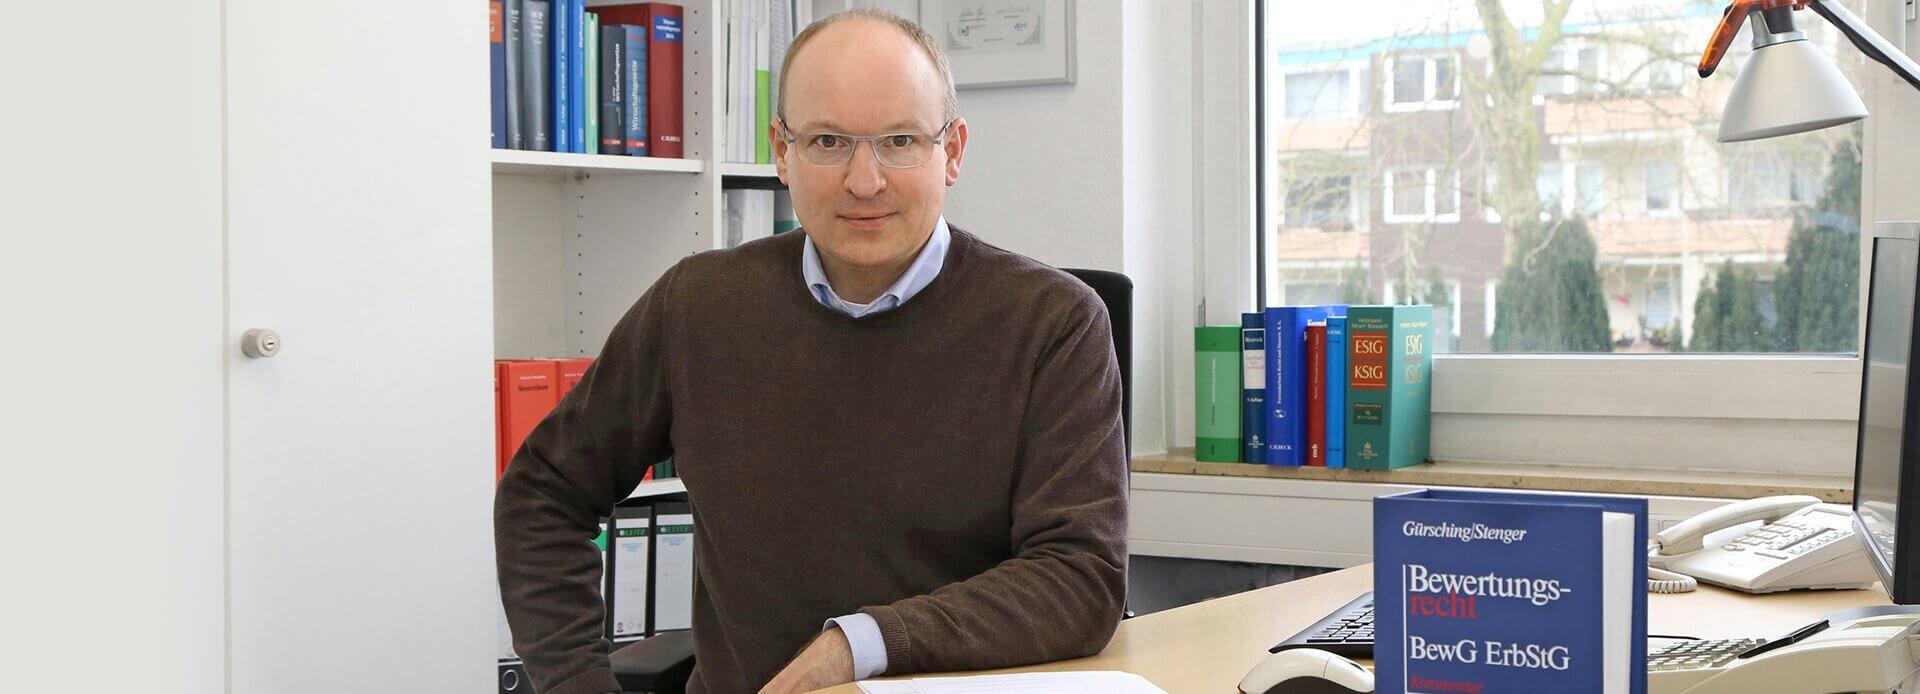 Tilmann Klug Steuerberater & Wirtschaftsprüfer aus Essen | Bedenbecker & Berg